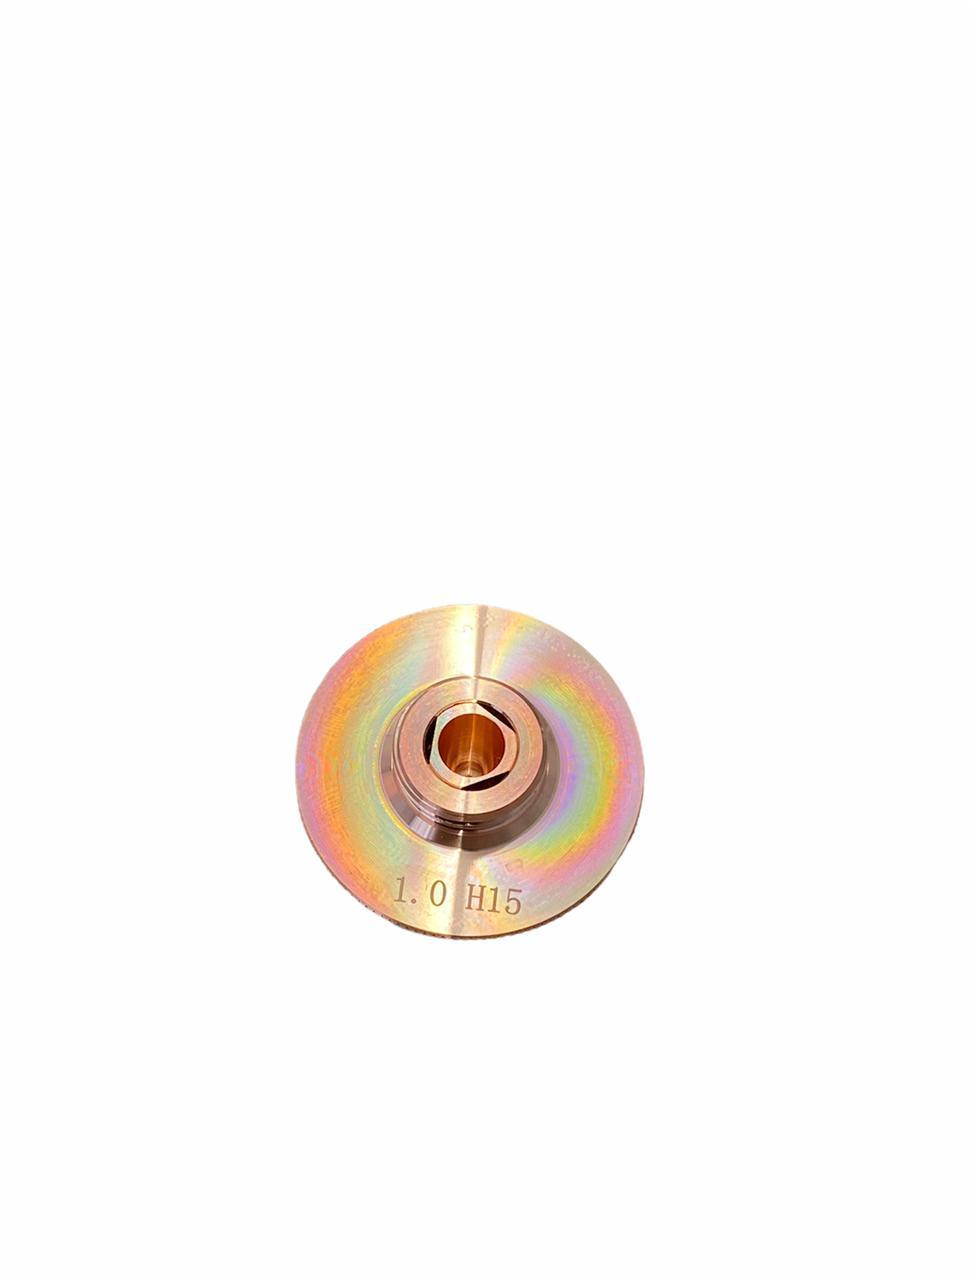 Сопло одинарное 2 мм для лазерных станков ACL